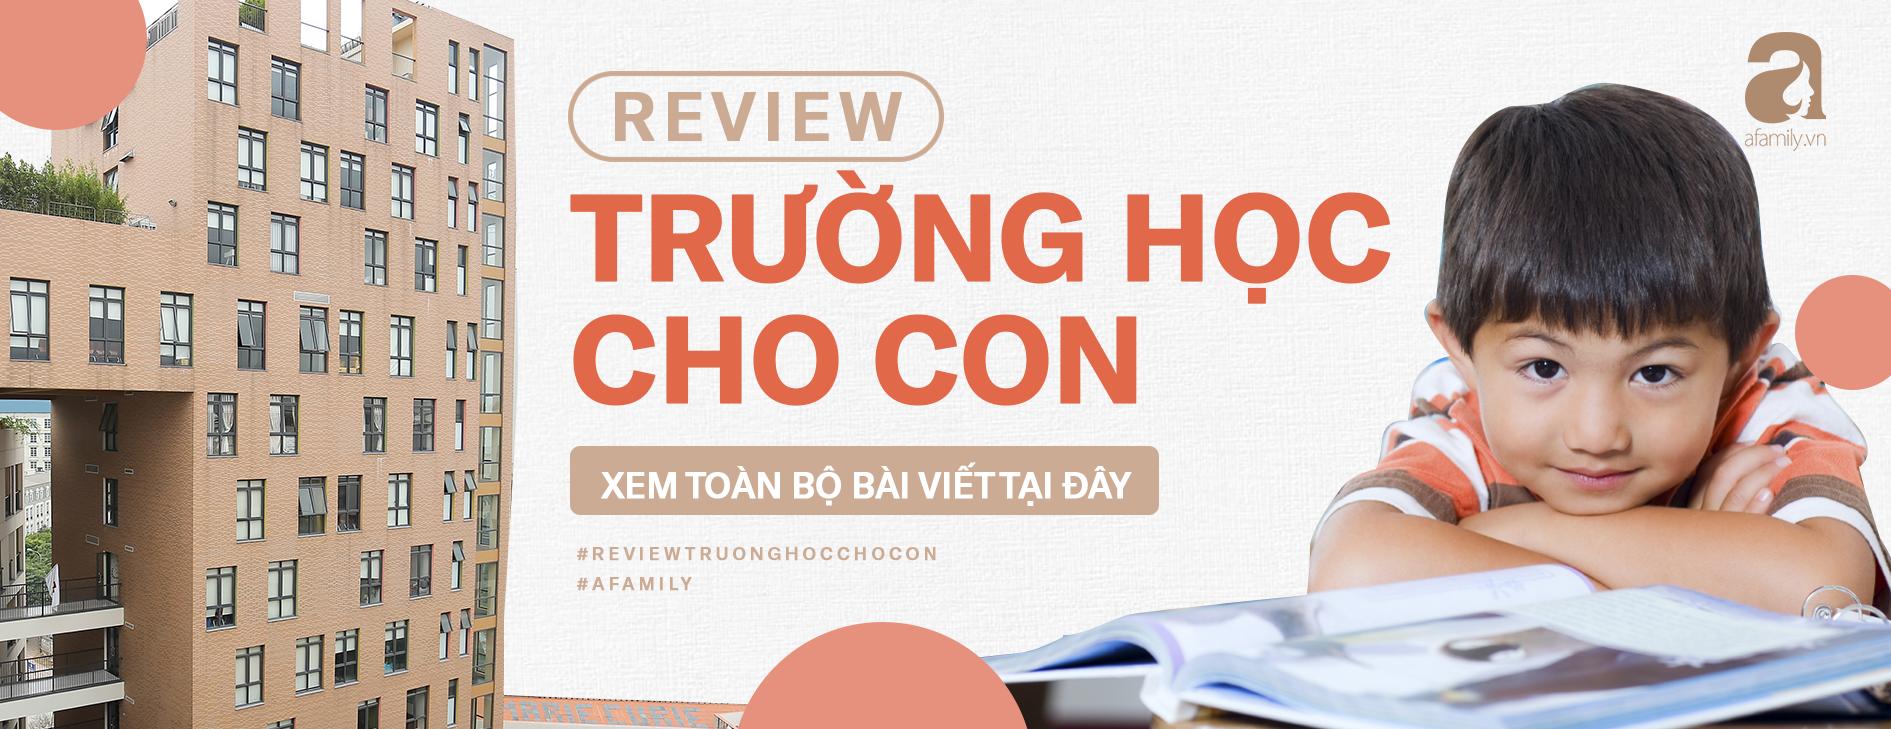 Ở Hà Nội có một khu ký túc xá nội trú đẹp như resort, học sinh cấp 3 có cả phòng gym, tiệm gội đầu - Ảnh 11.